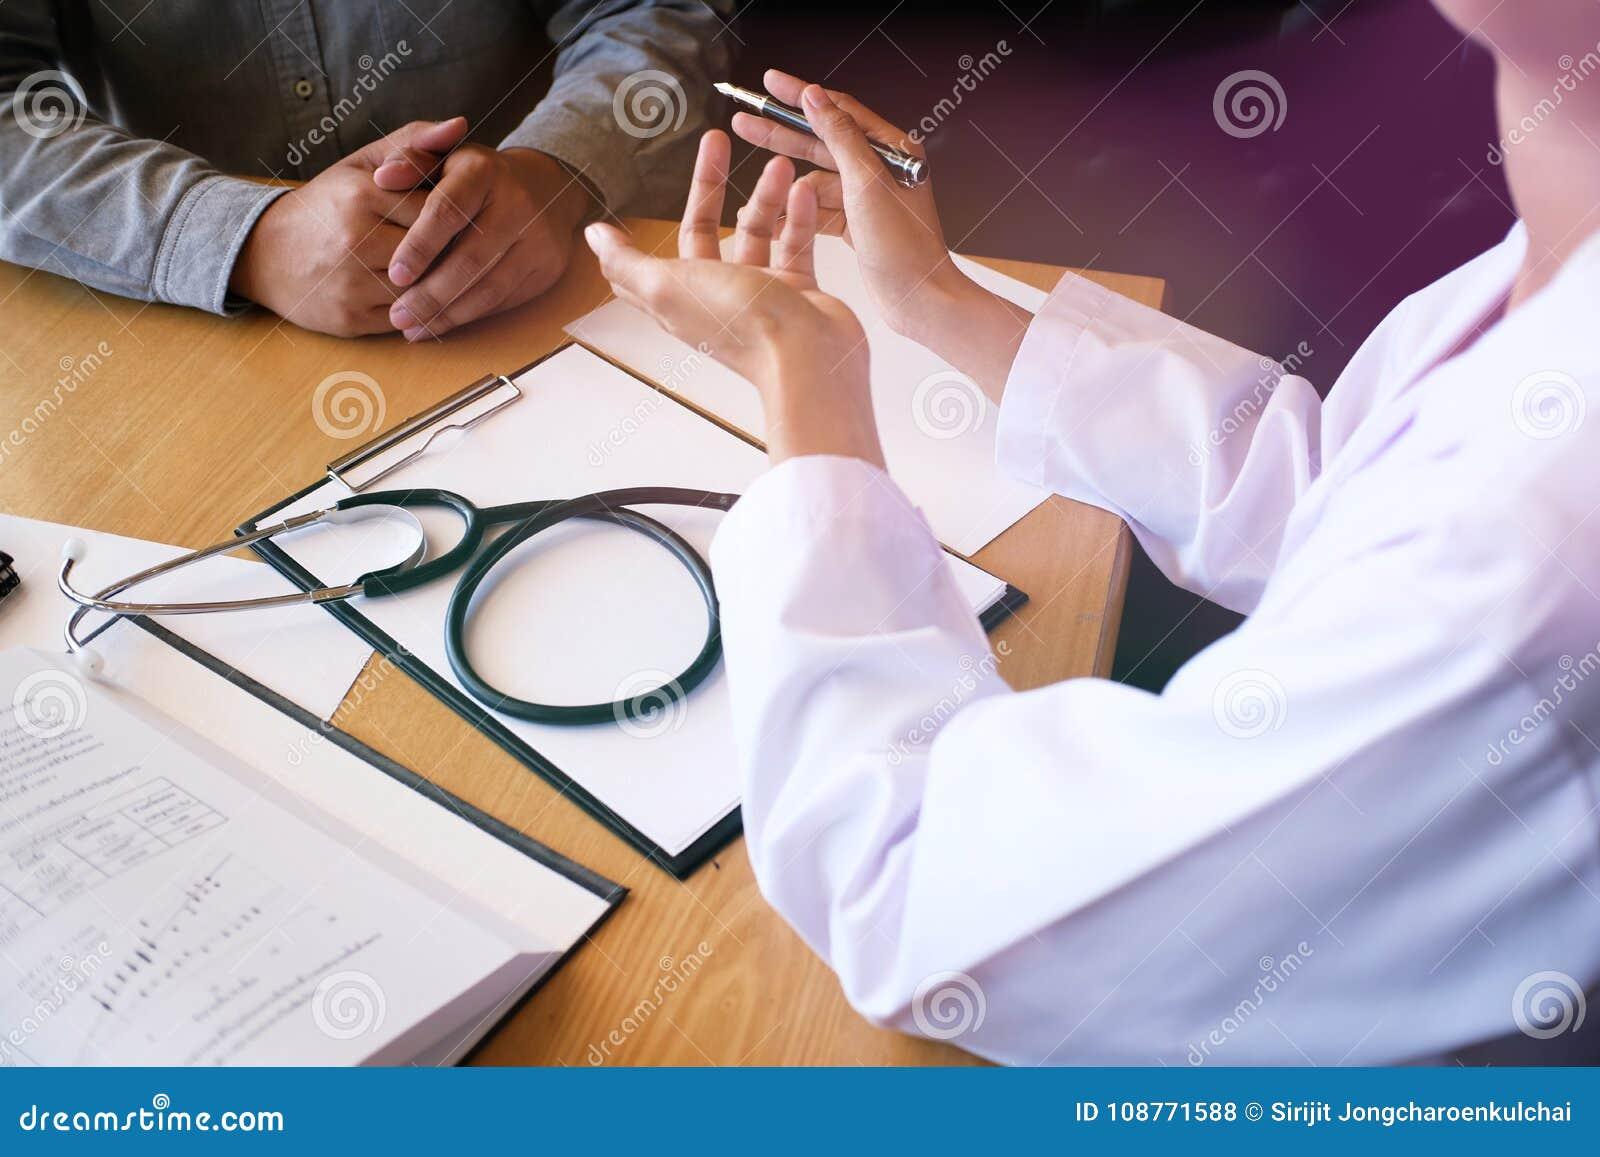 Επαγγελματικός ιατρός στην άσπρη ομοιόμορφη συνέντευξη παλτών εσθήτων